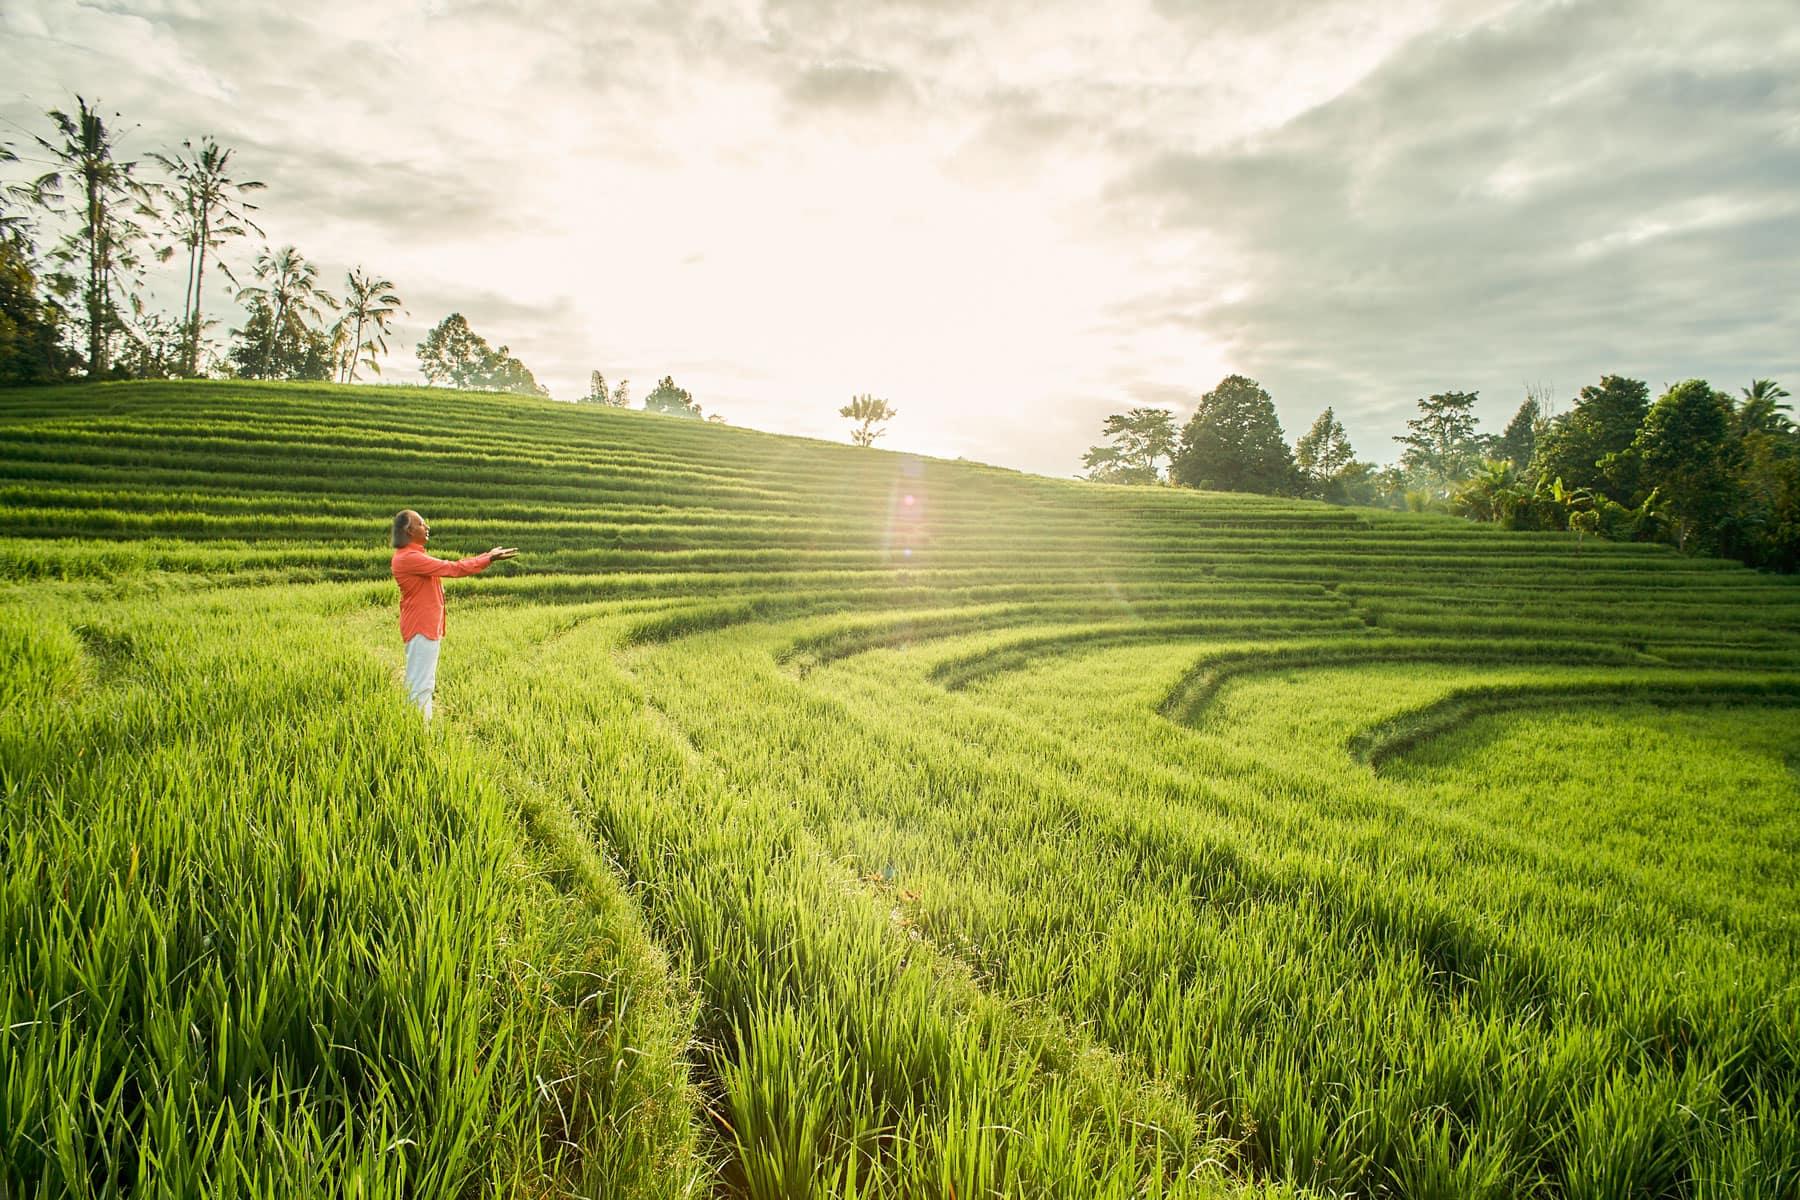 Foto eines Mannes mit rotem Hemd, der in sonnendurchfluteten, grünen Reisterrassen steht